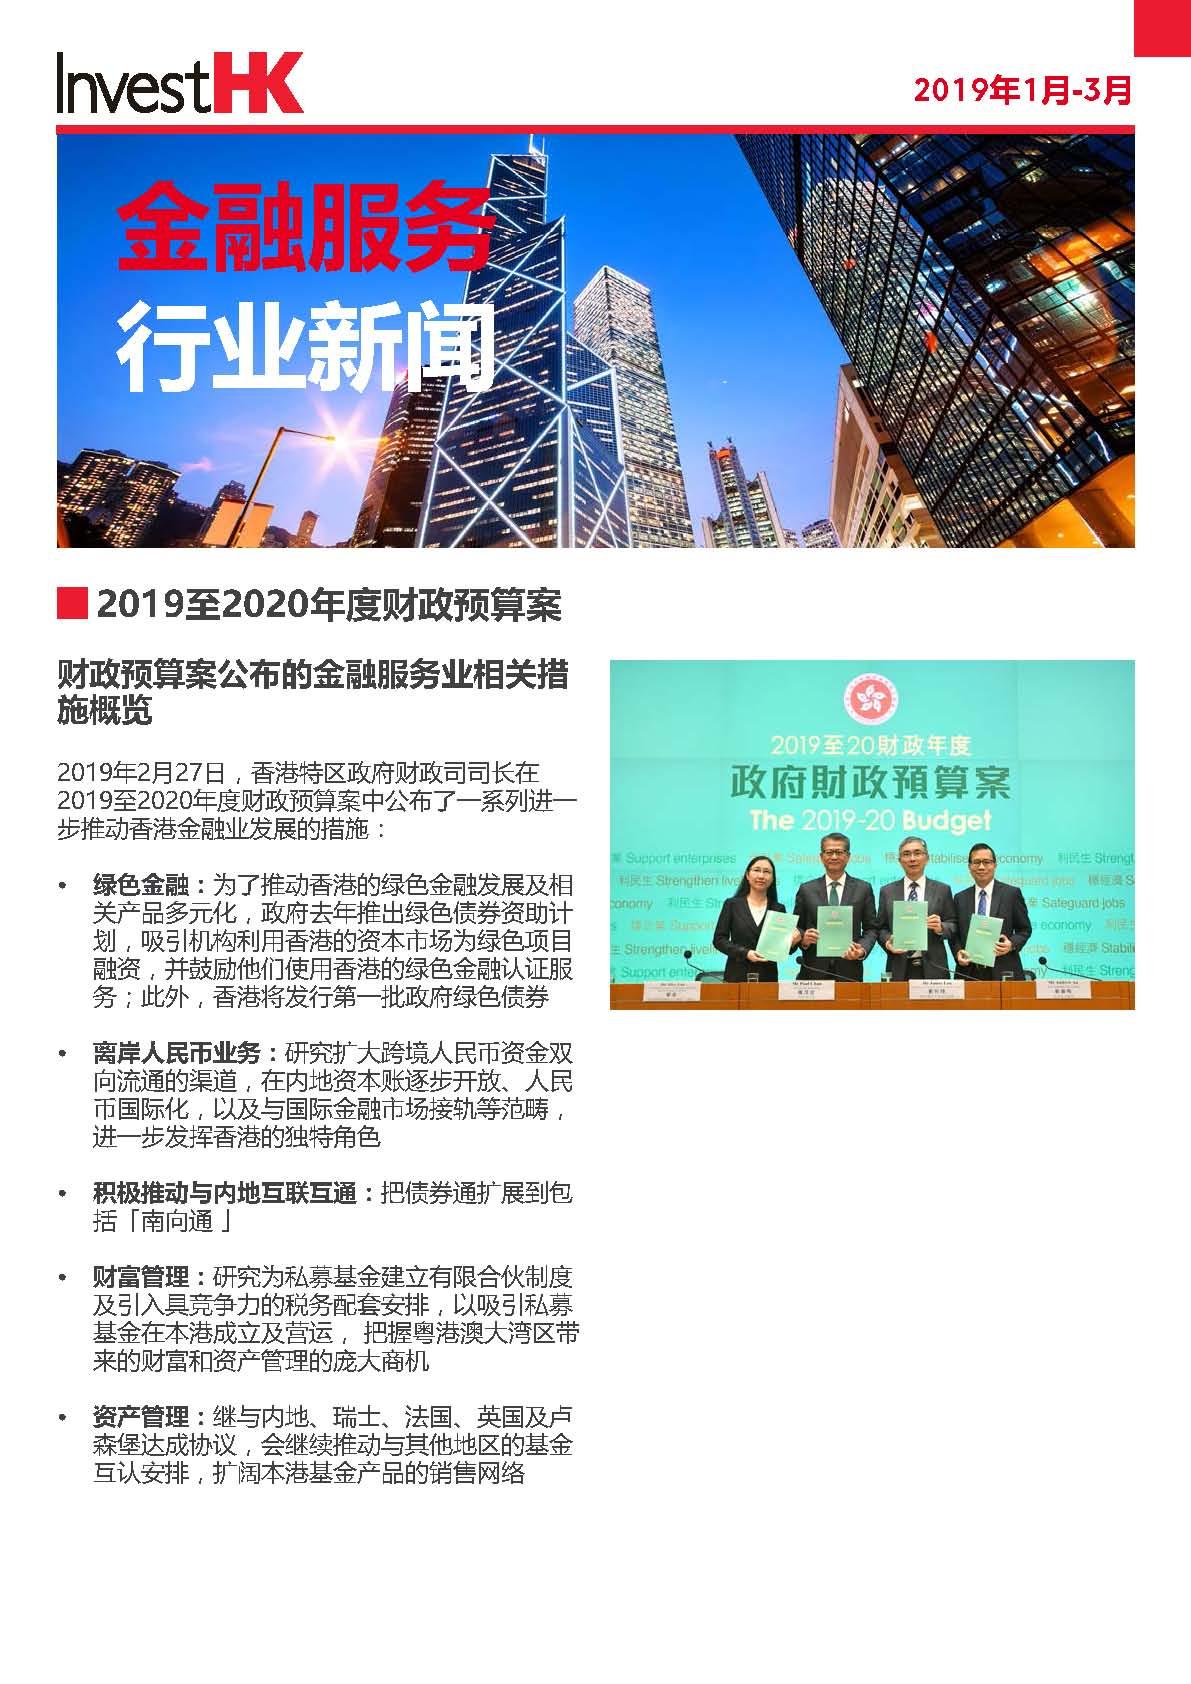 FS_Newsletter_Q1-2019_SC